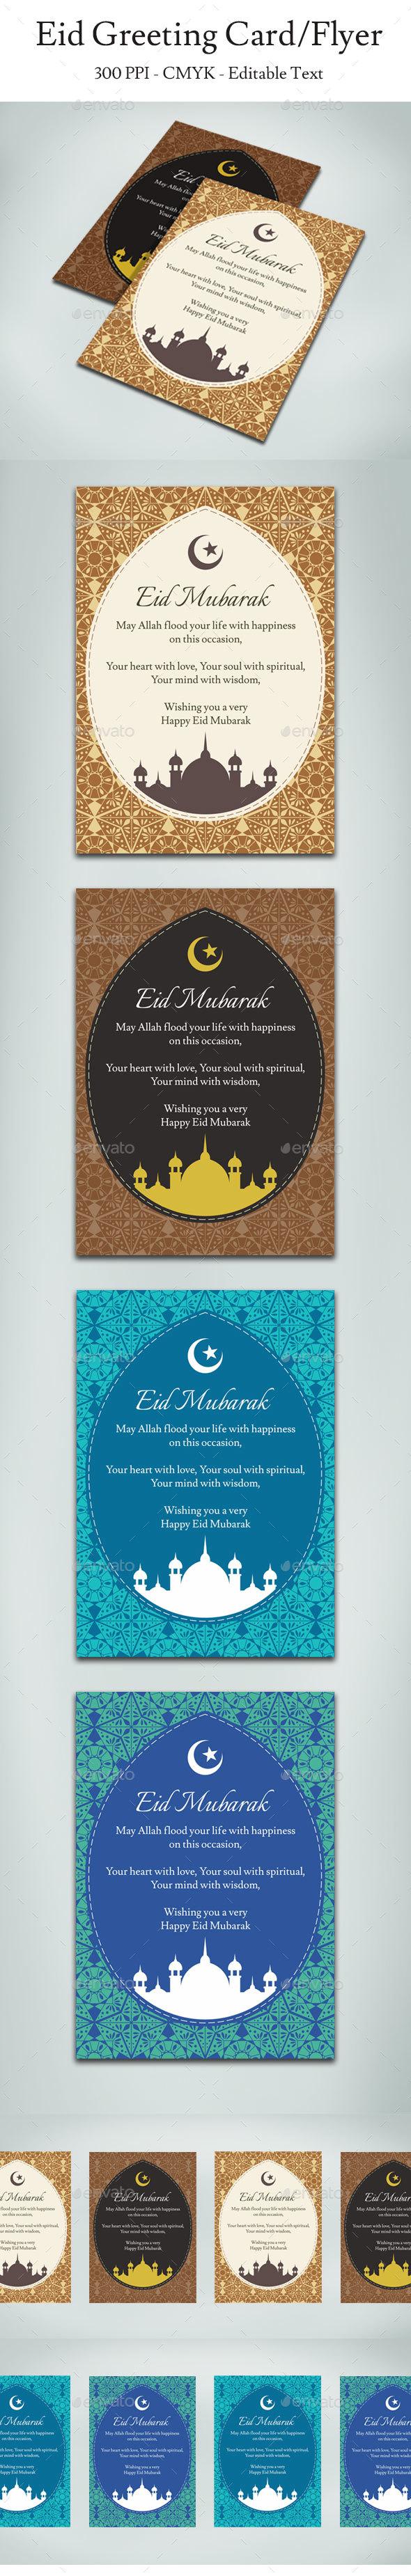 Eid Mubarak Greeting Cardflyer By Syarifhc Graphicriver